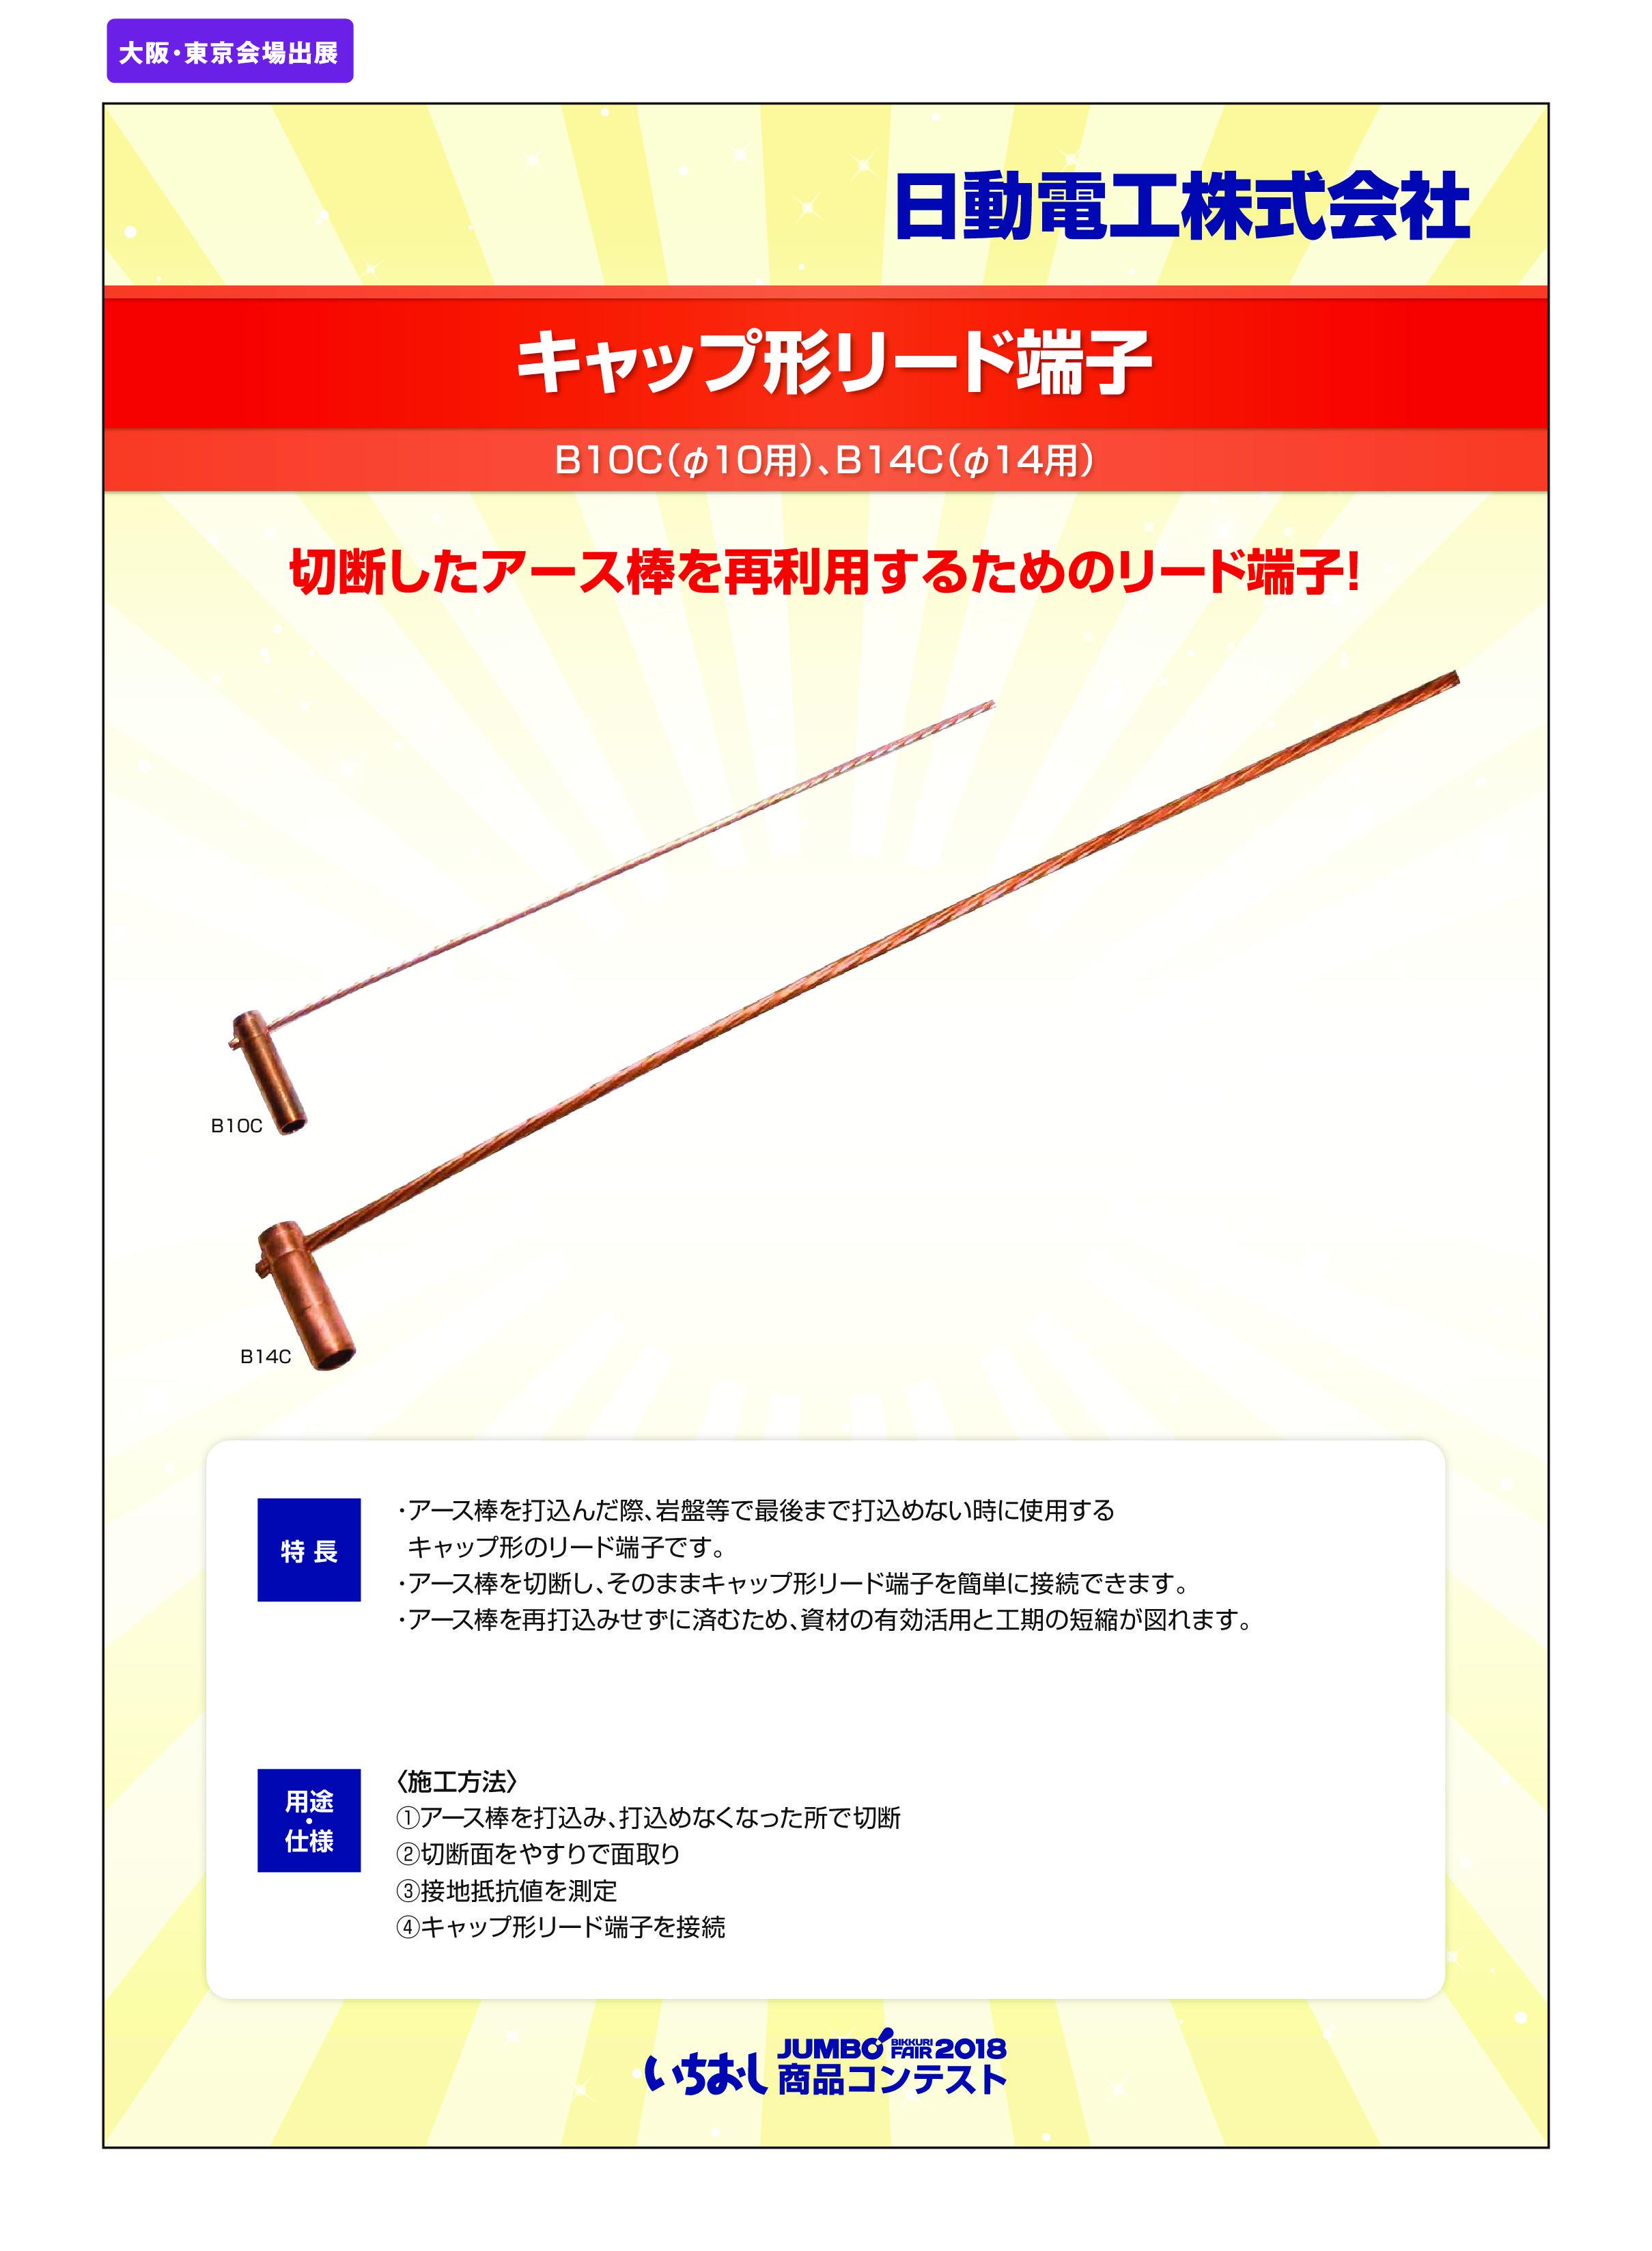 「キャップ形リード端子」日動電工株式会社の画像